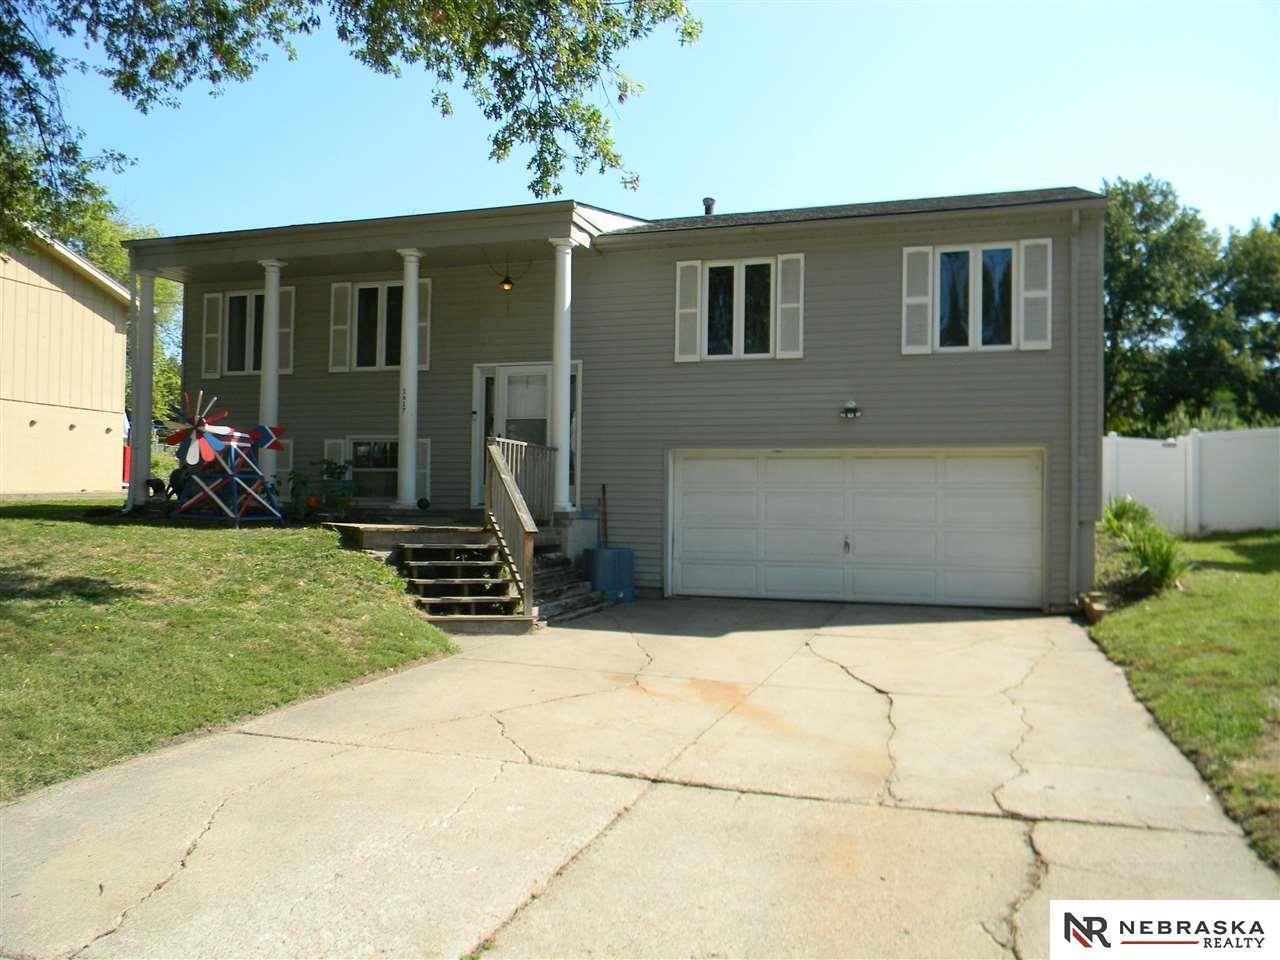 1617 N 105th Street, Omaha, NE 68114 - MLS#: 22121878